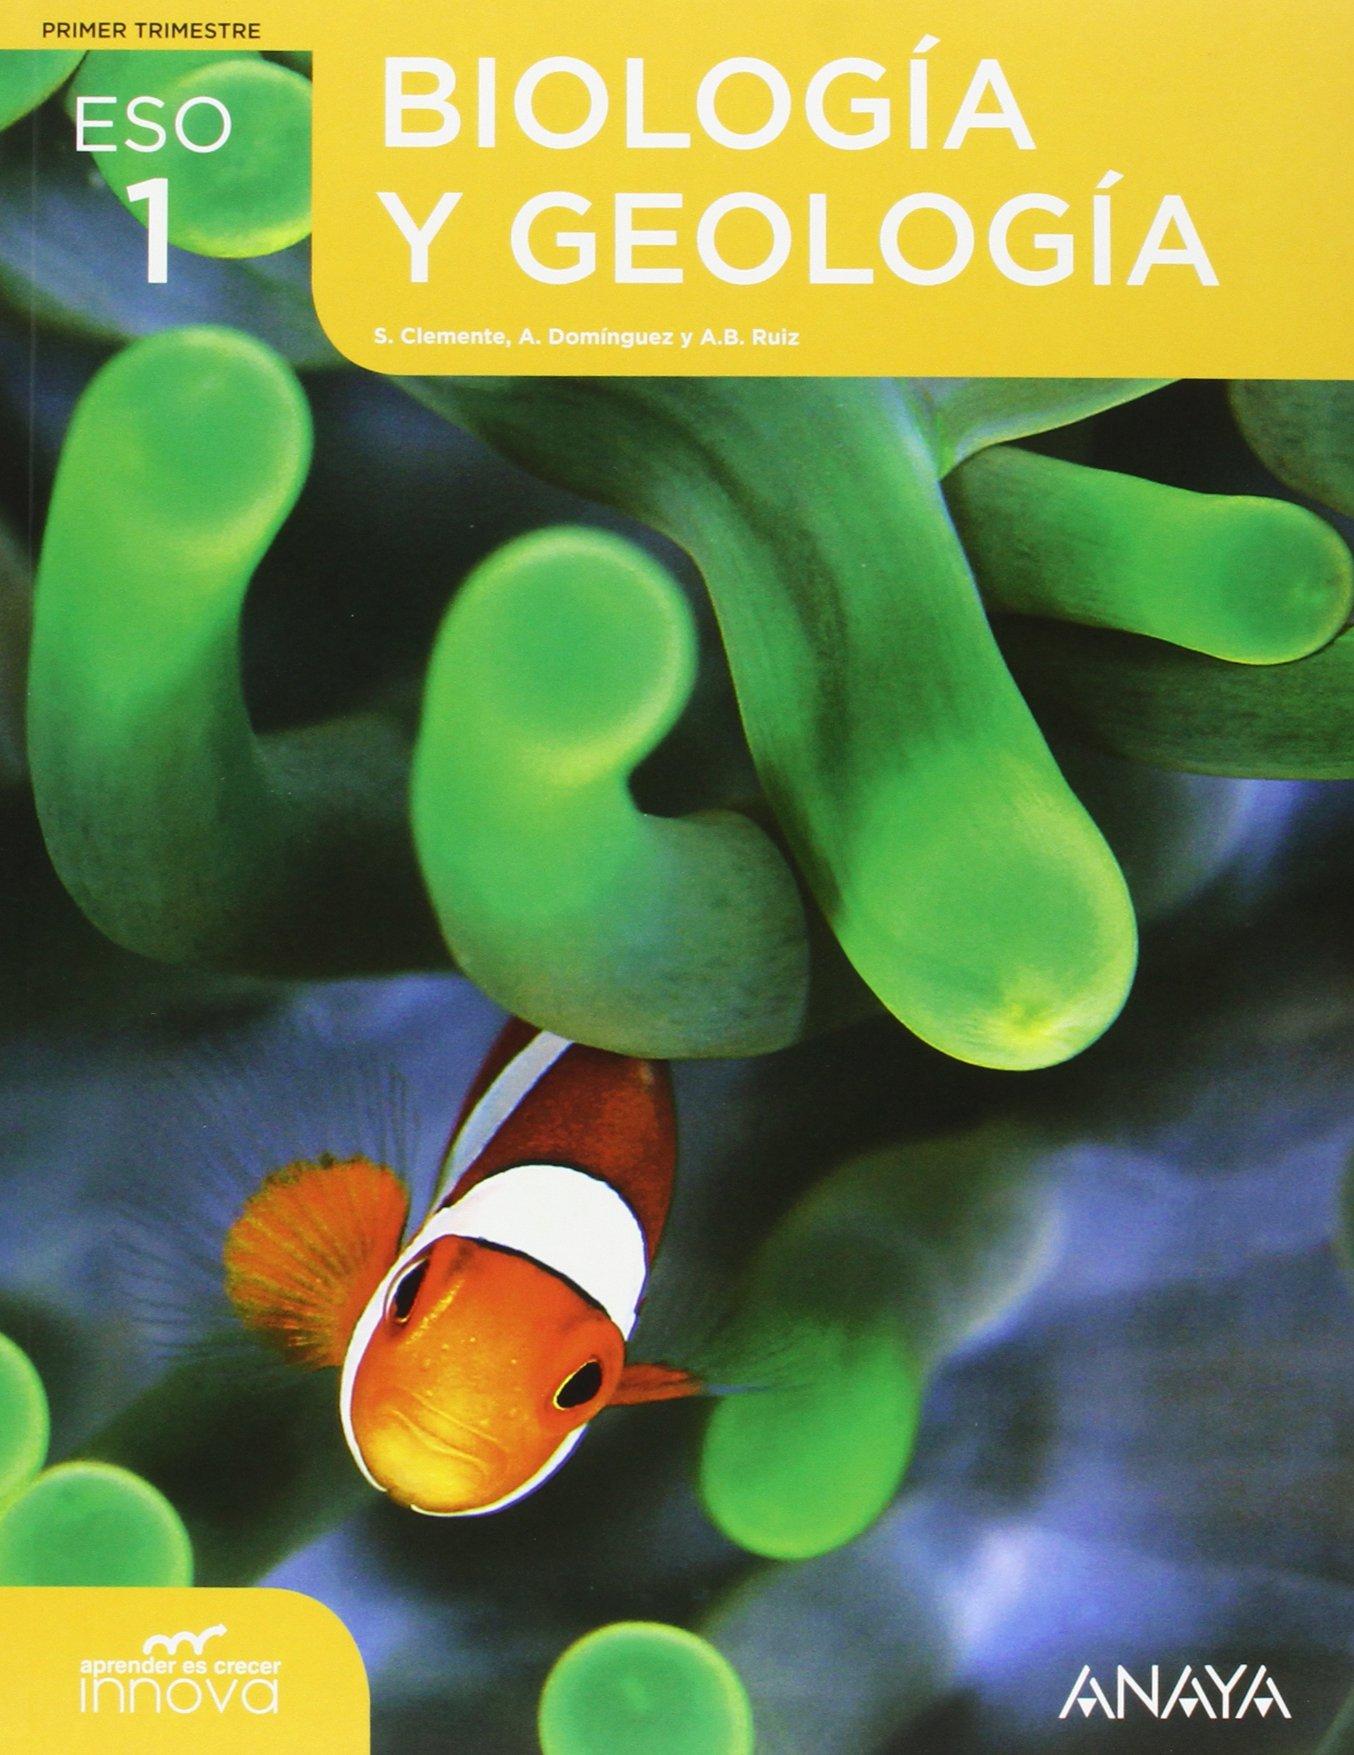 Biología Y Geología 1 Aprender Es Crecer Innova Spanish Edition Clemente Roca Silvia Domínguez Culebras Mª Aurora Ruiz García Ana Belén 9788469807187 Amazon Com Books